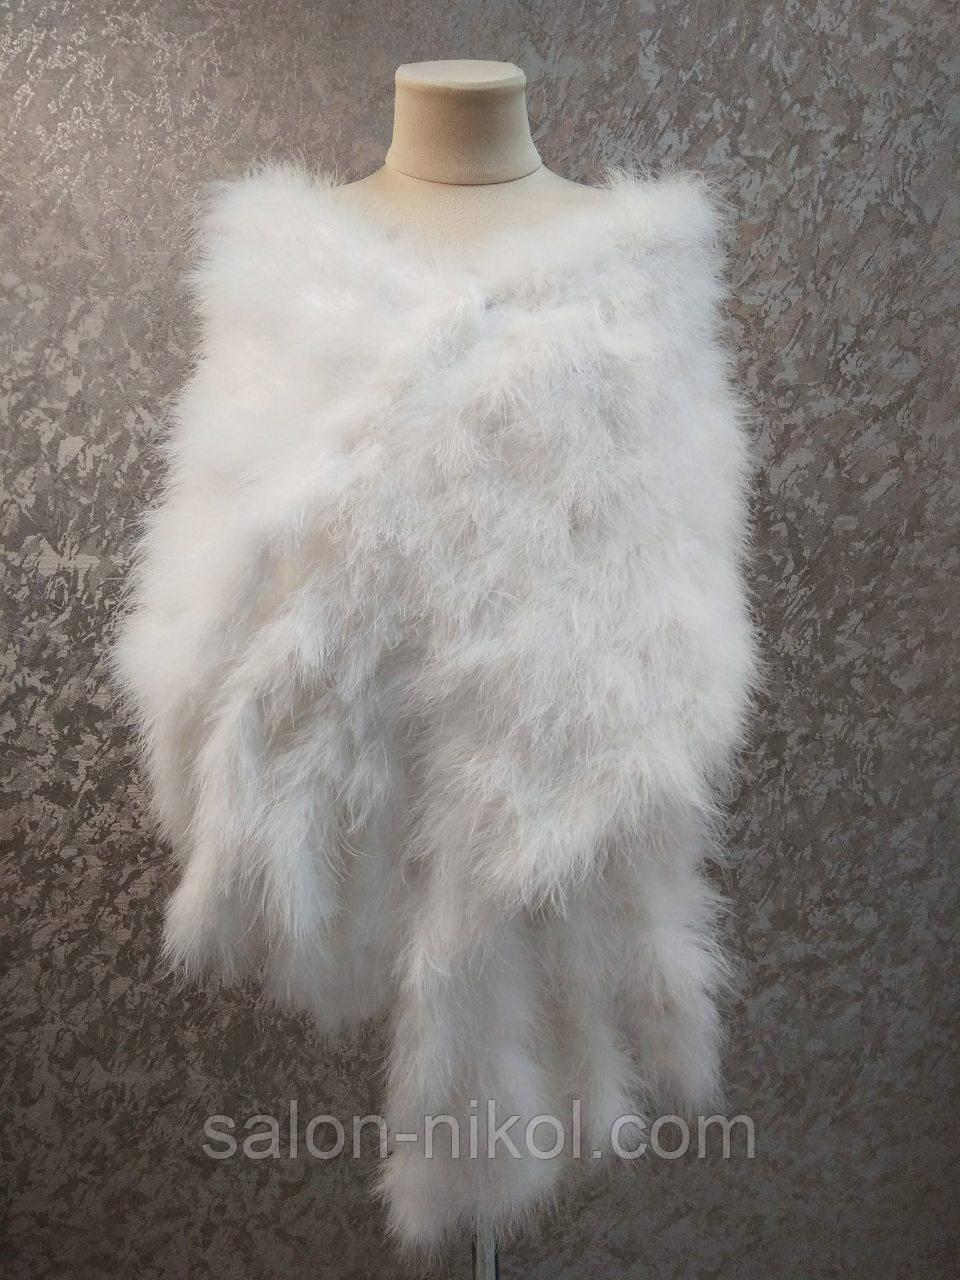 Свадебный палантин лебединый пух белый № 2001. Накидка для невесты цвет белый